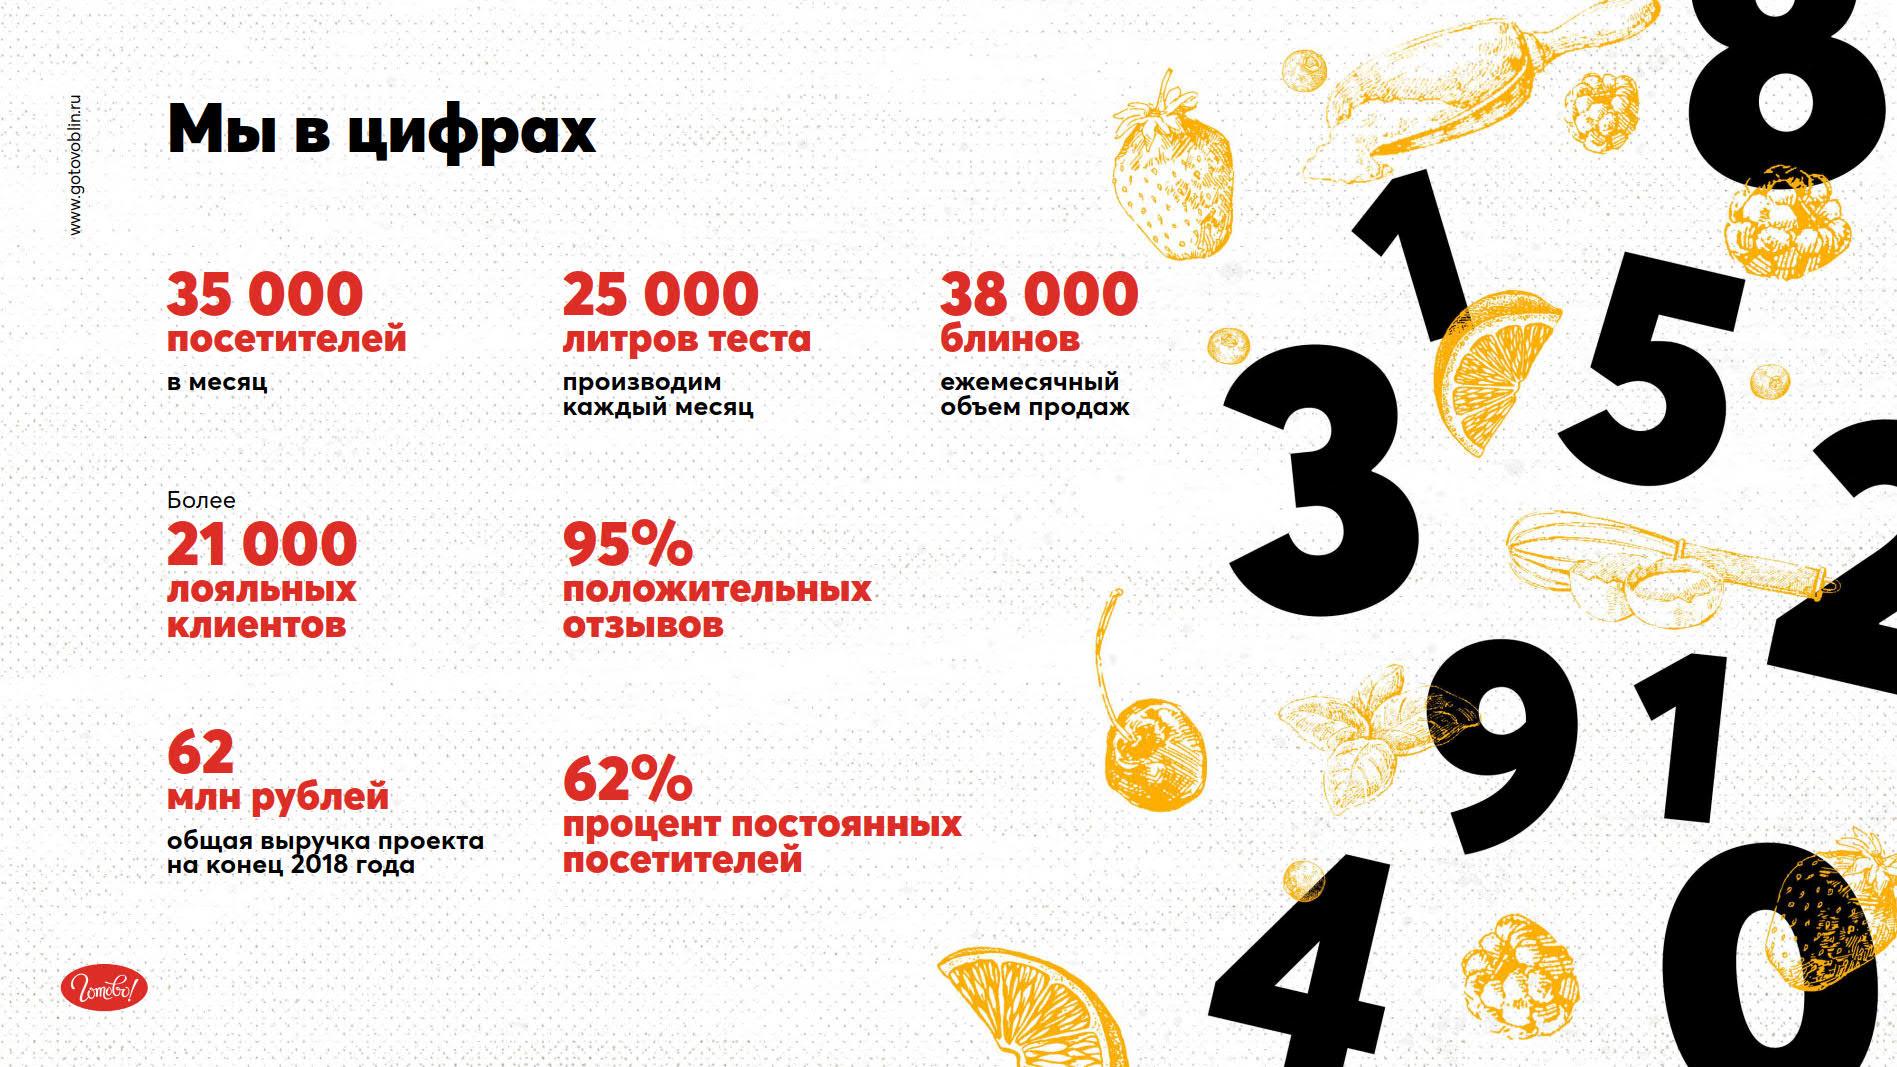 Презентация федеральной сети блинных «Готово!»